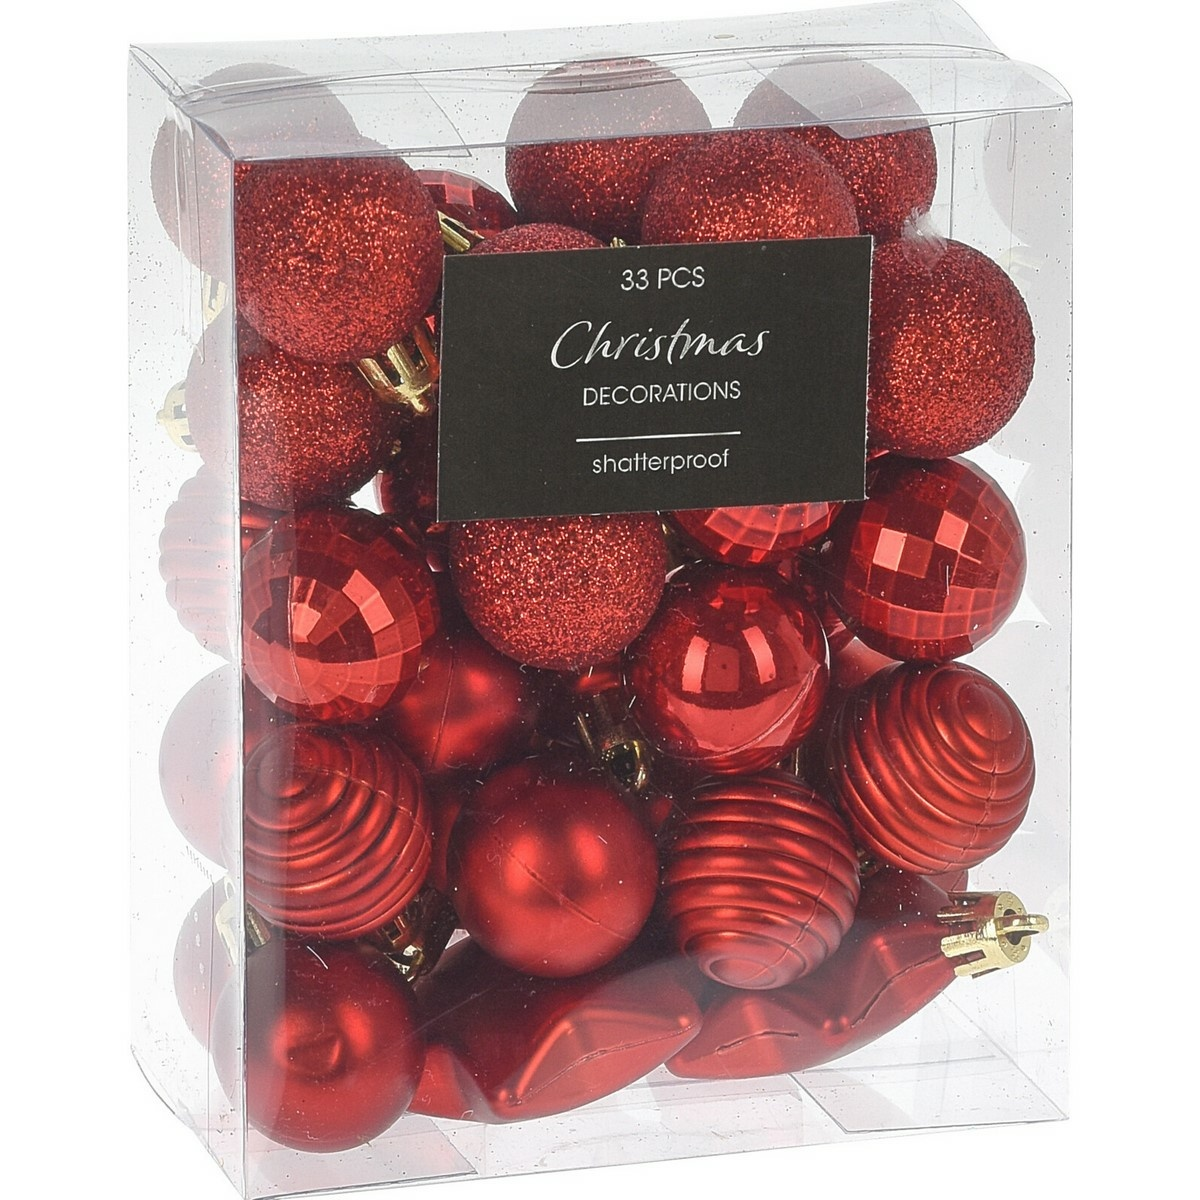 Sada vánočních ozdob Balestrate 33 ks, červená